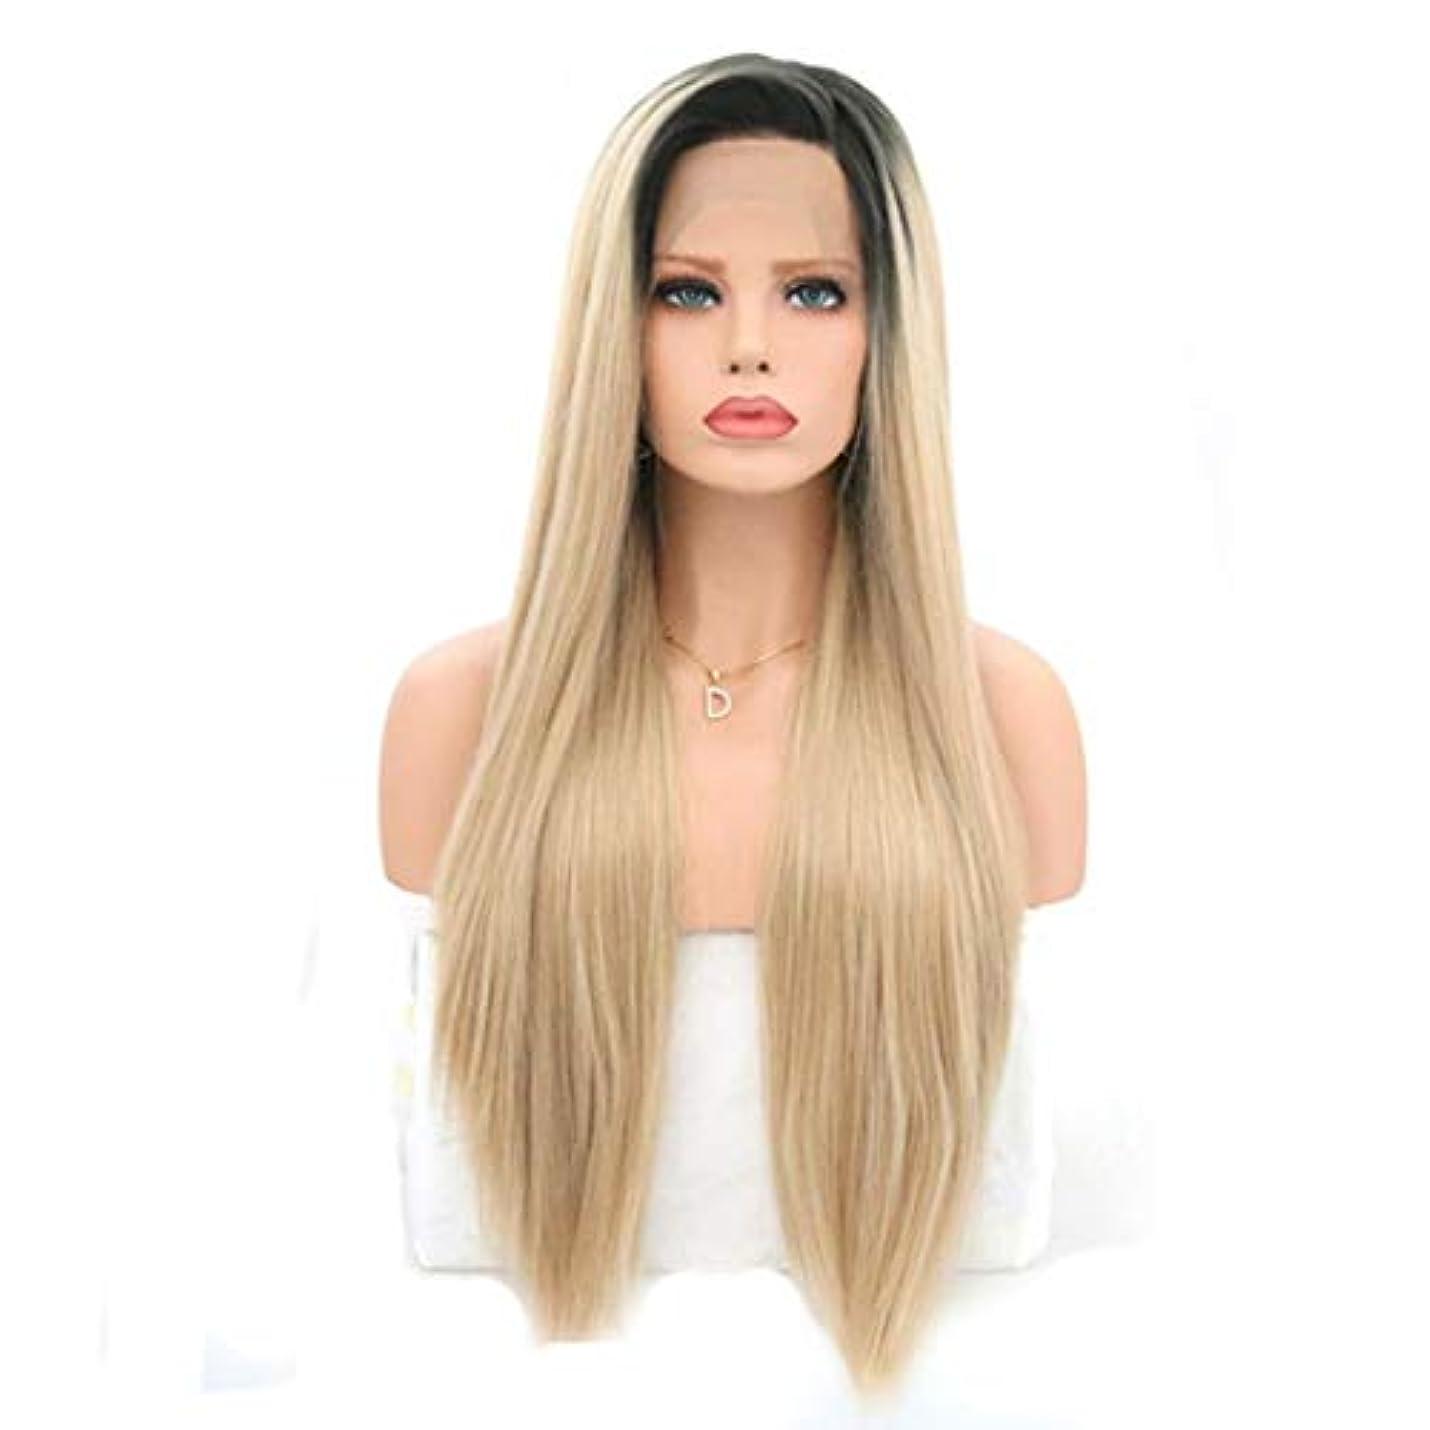 男らしさブリリアントパワーセルSummerys 女性のためのロングストレートかつら前髪付きかつら人工毛髪かつら自然なかつら (Size : 22 inches)